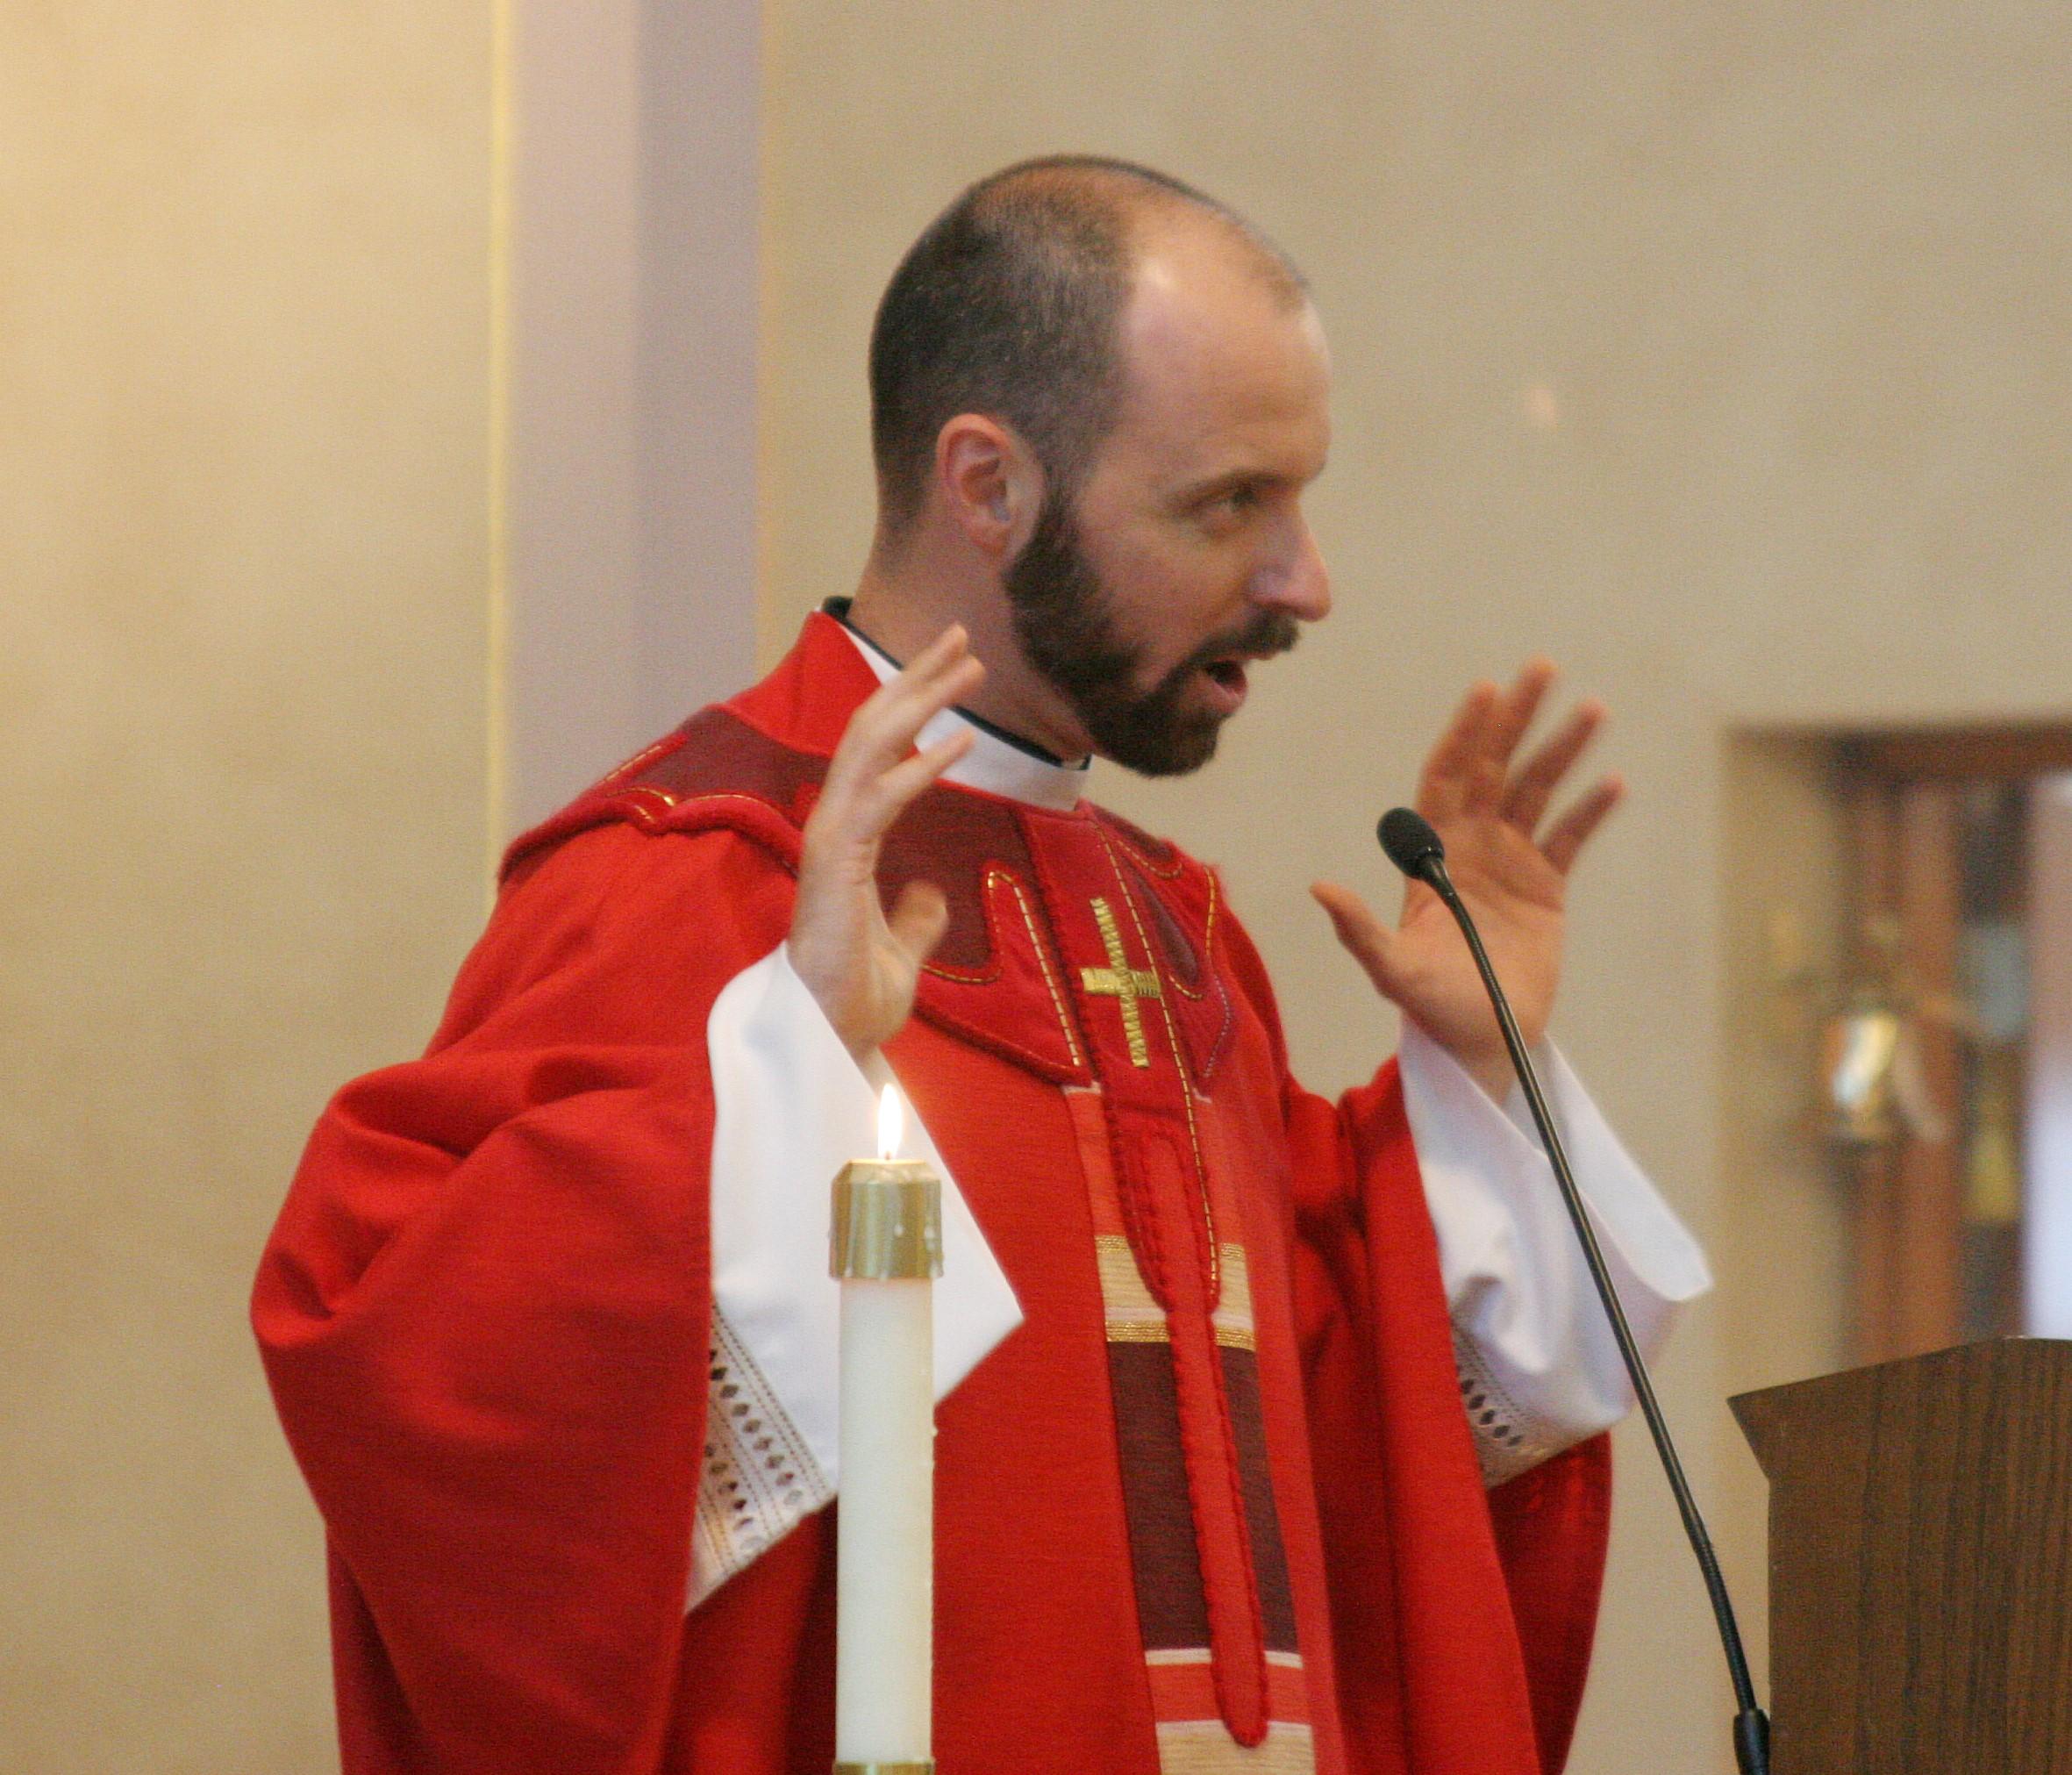 2011. First Mass, feast of Pentecost.  photo: klingkamerabooth.com